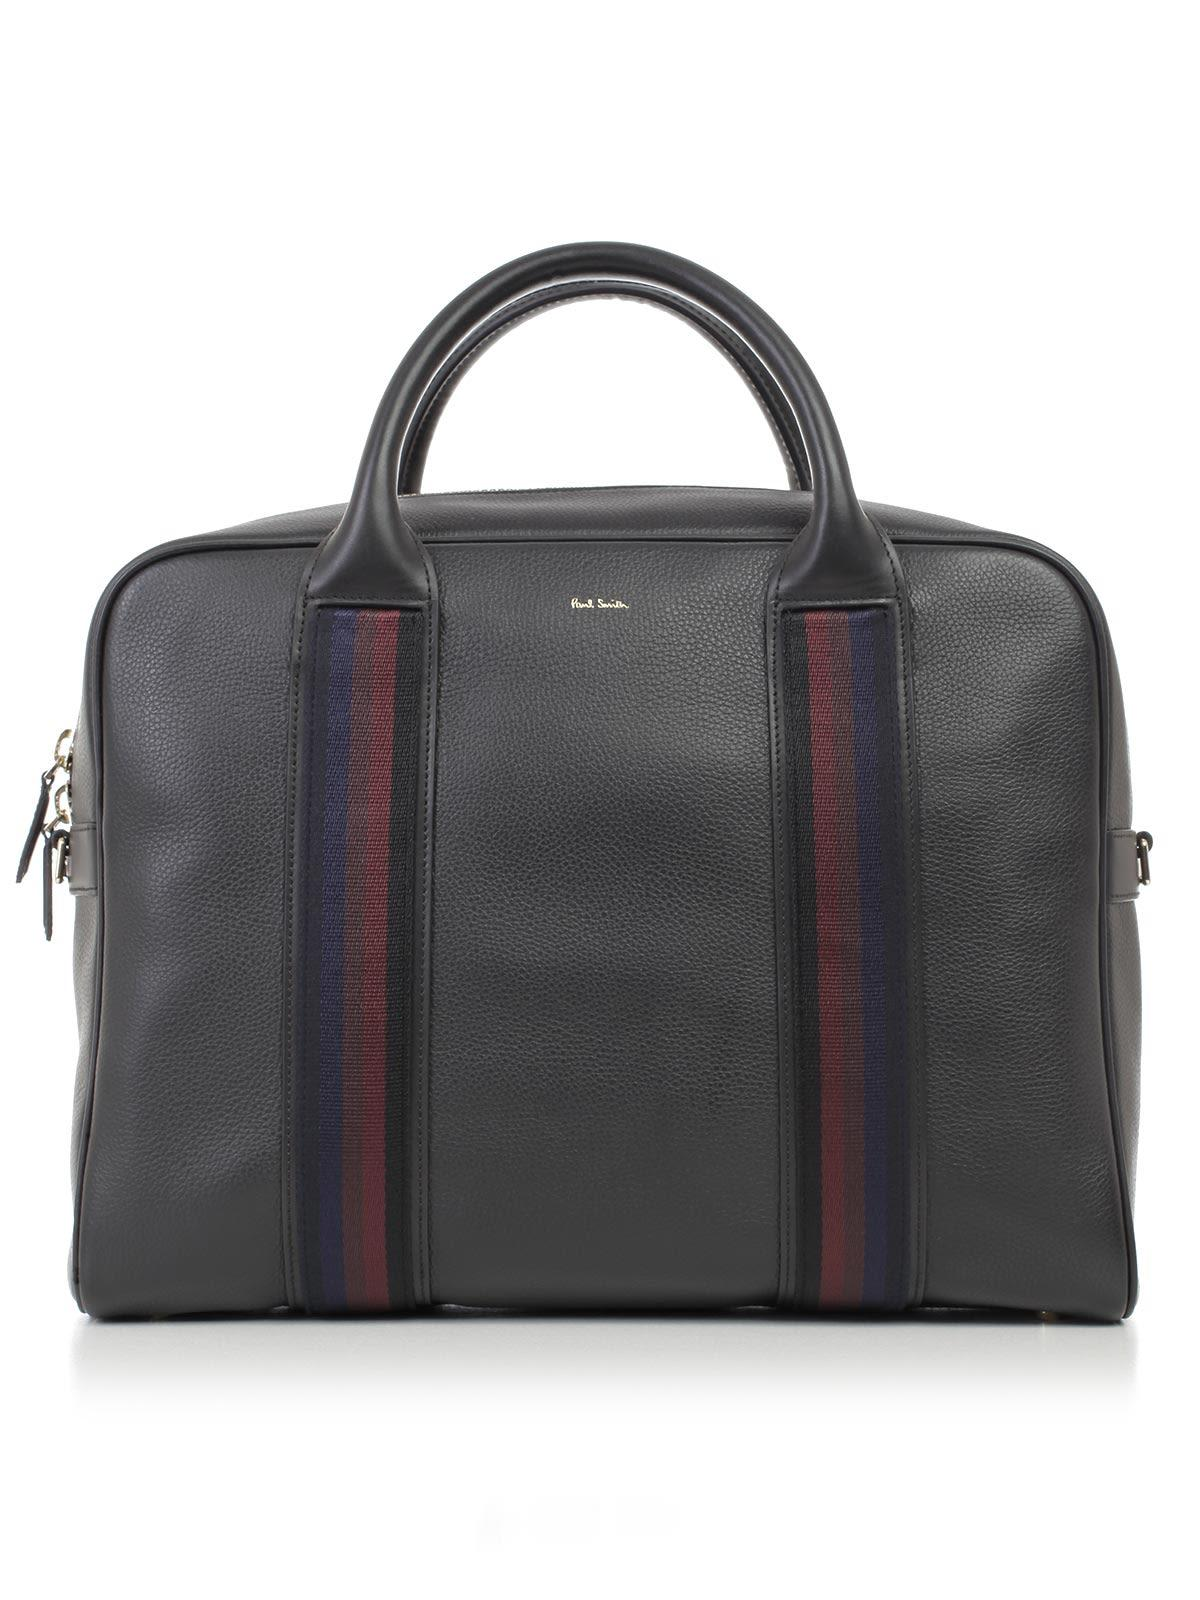 Paul Smith Bag In Black